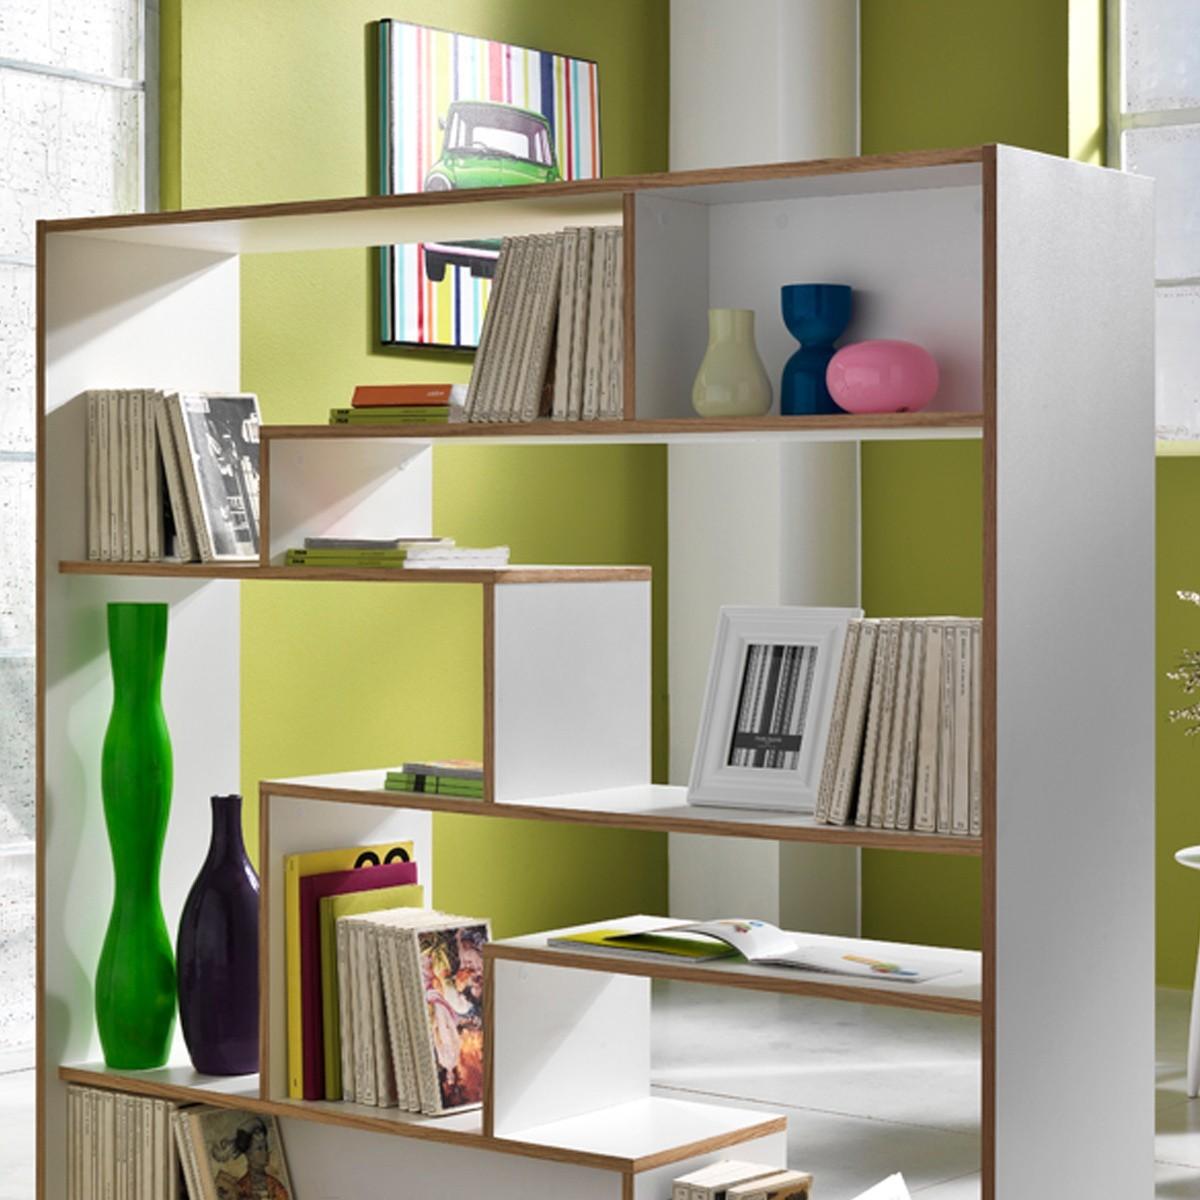 Libreria su ruote moving in legno laccato bianco 145 x 160 cm for Librerie design parete